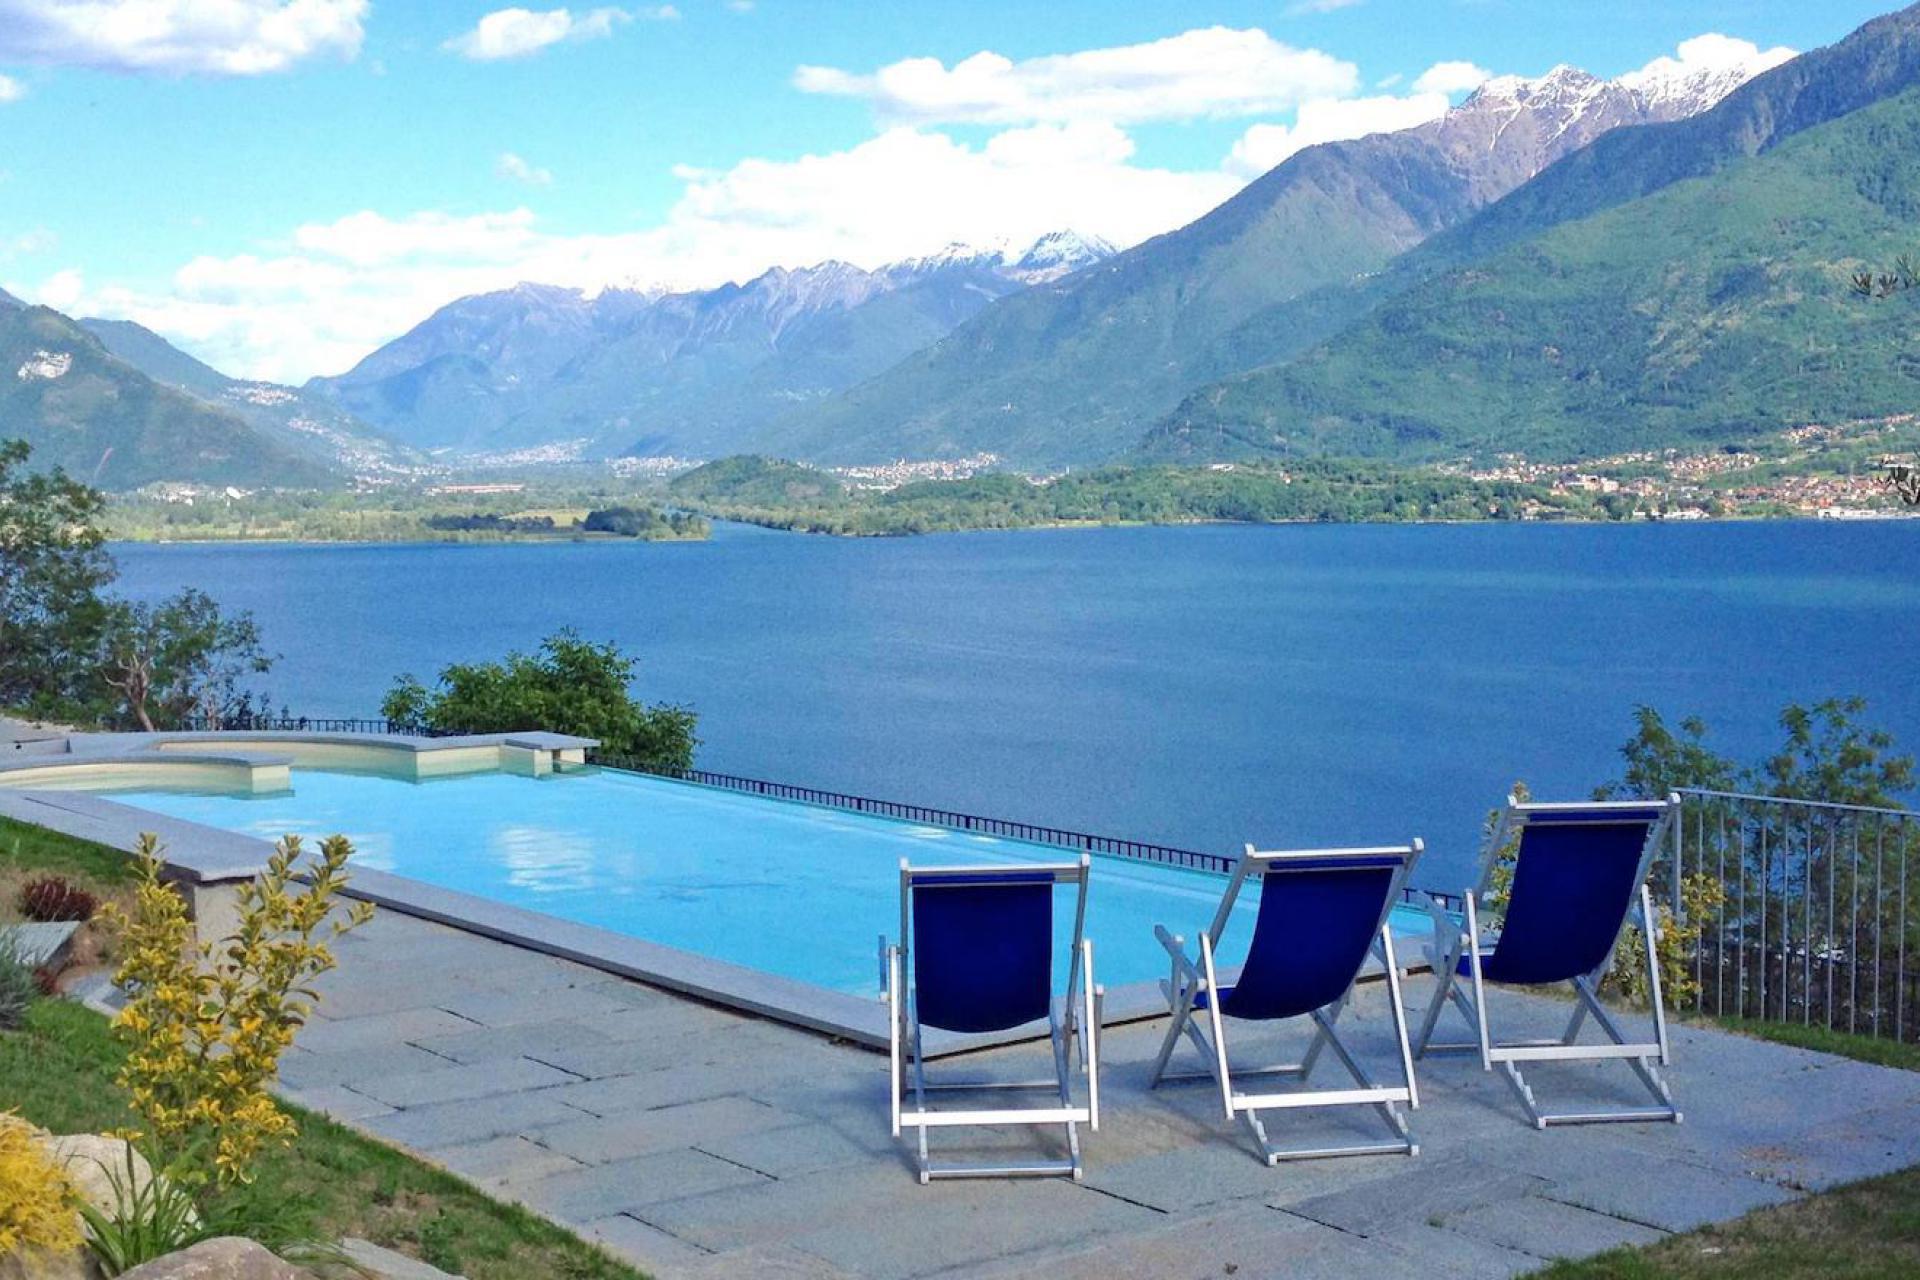 1. Residence met panorama zwembad en meerzicht